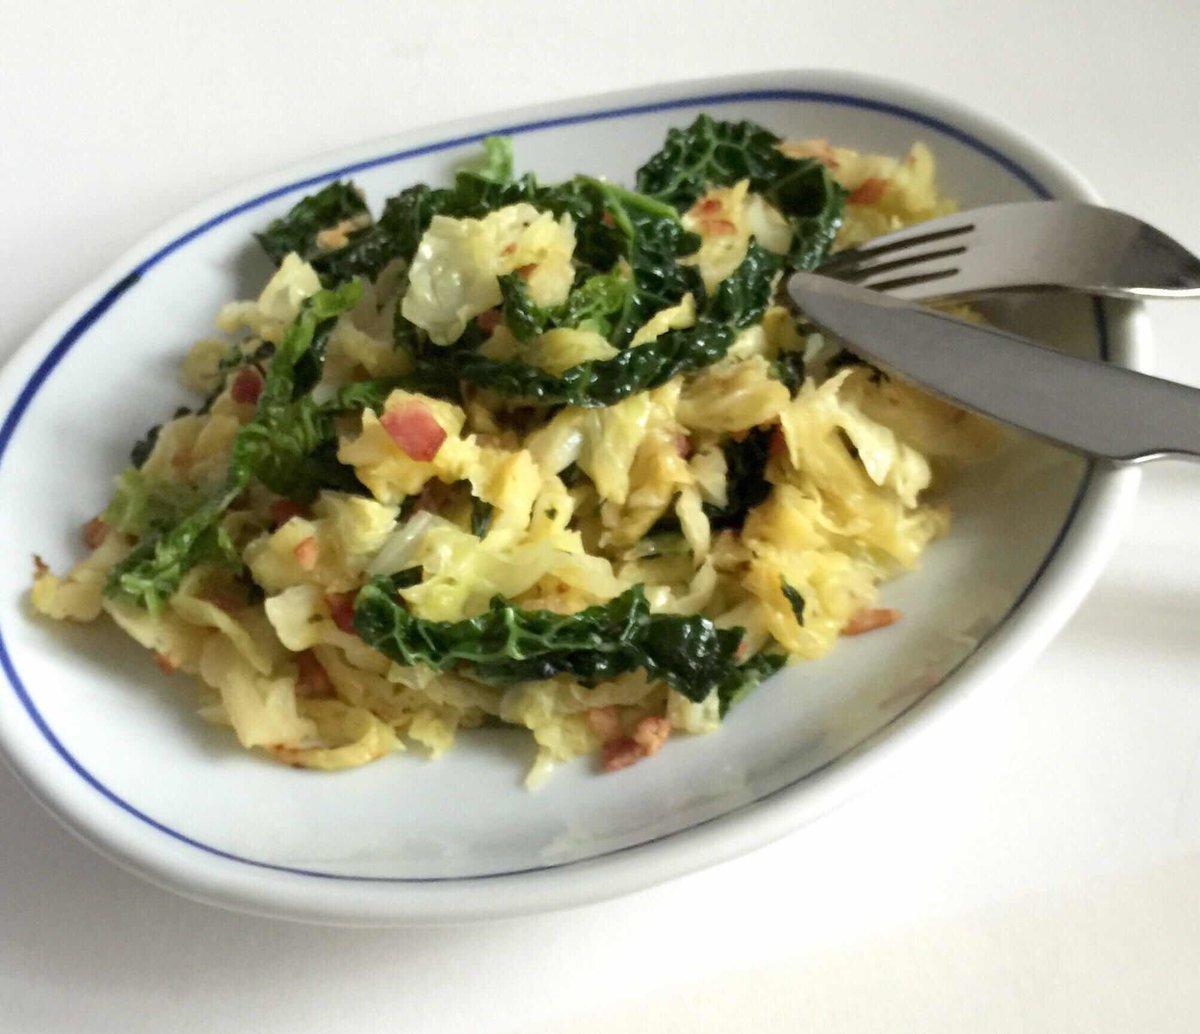 джокер салат из савойской капусты рецепты с фото это одно